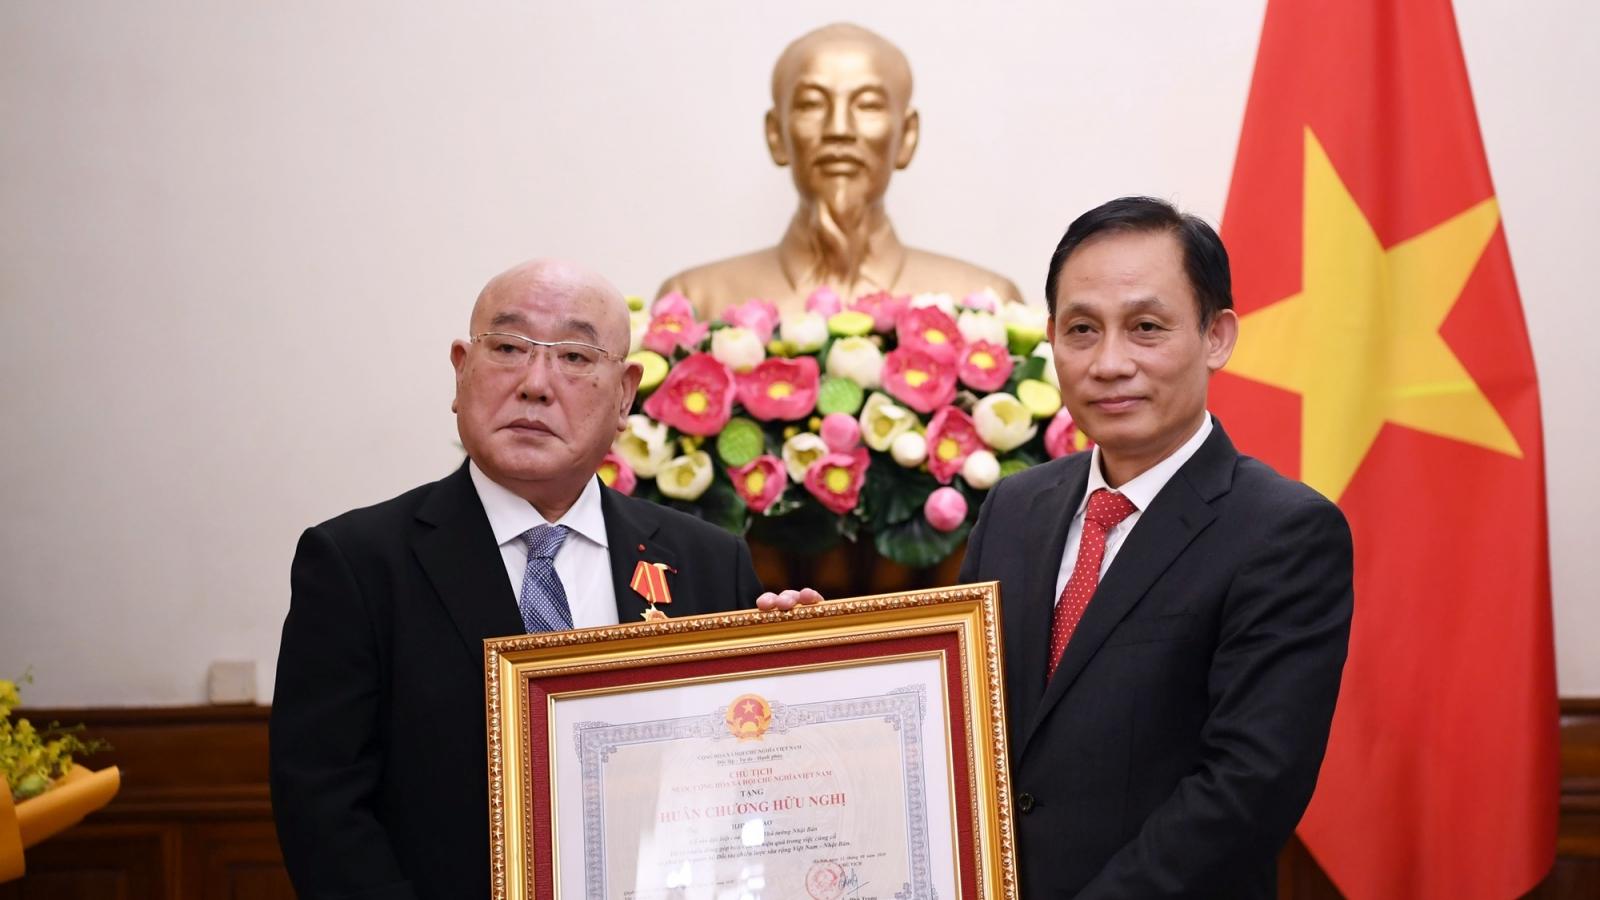 Trao Huân chương Hữu nghị cho Cố vấn đặc biệt của Thủ tướng Nhật Bản